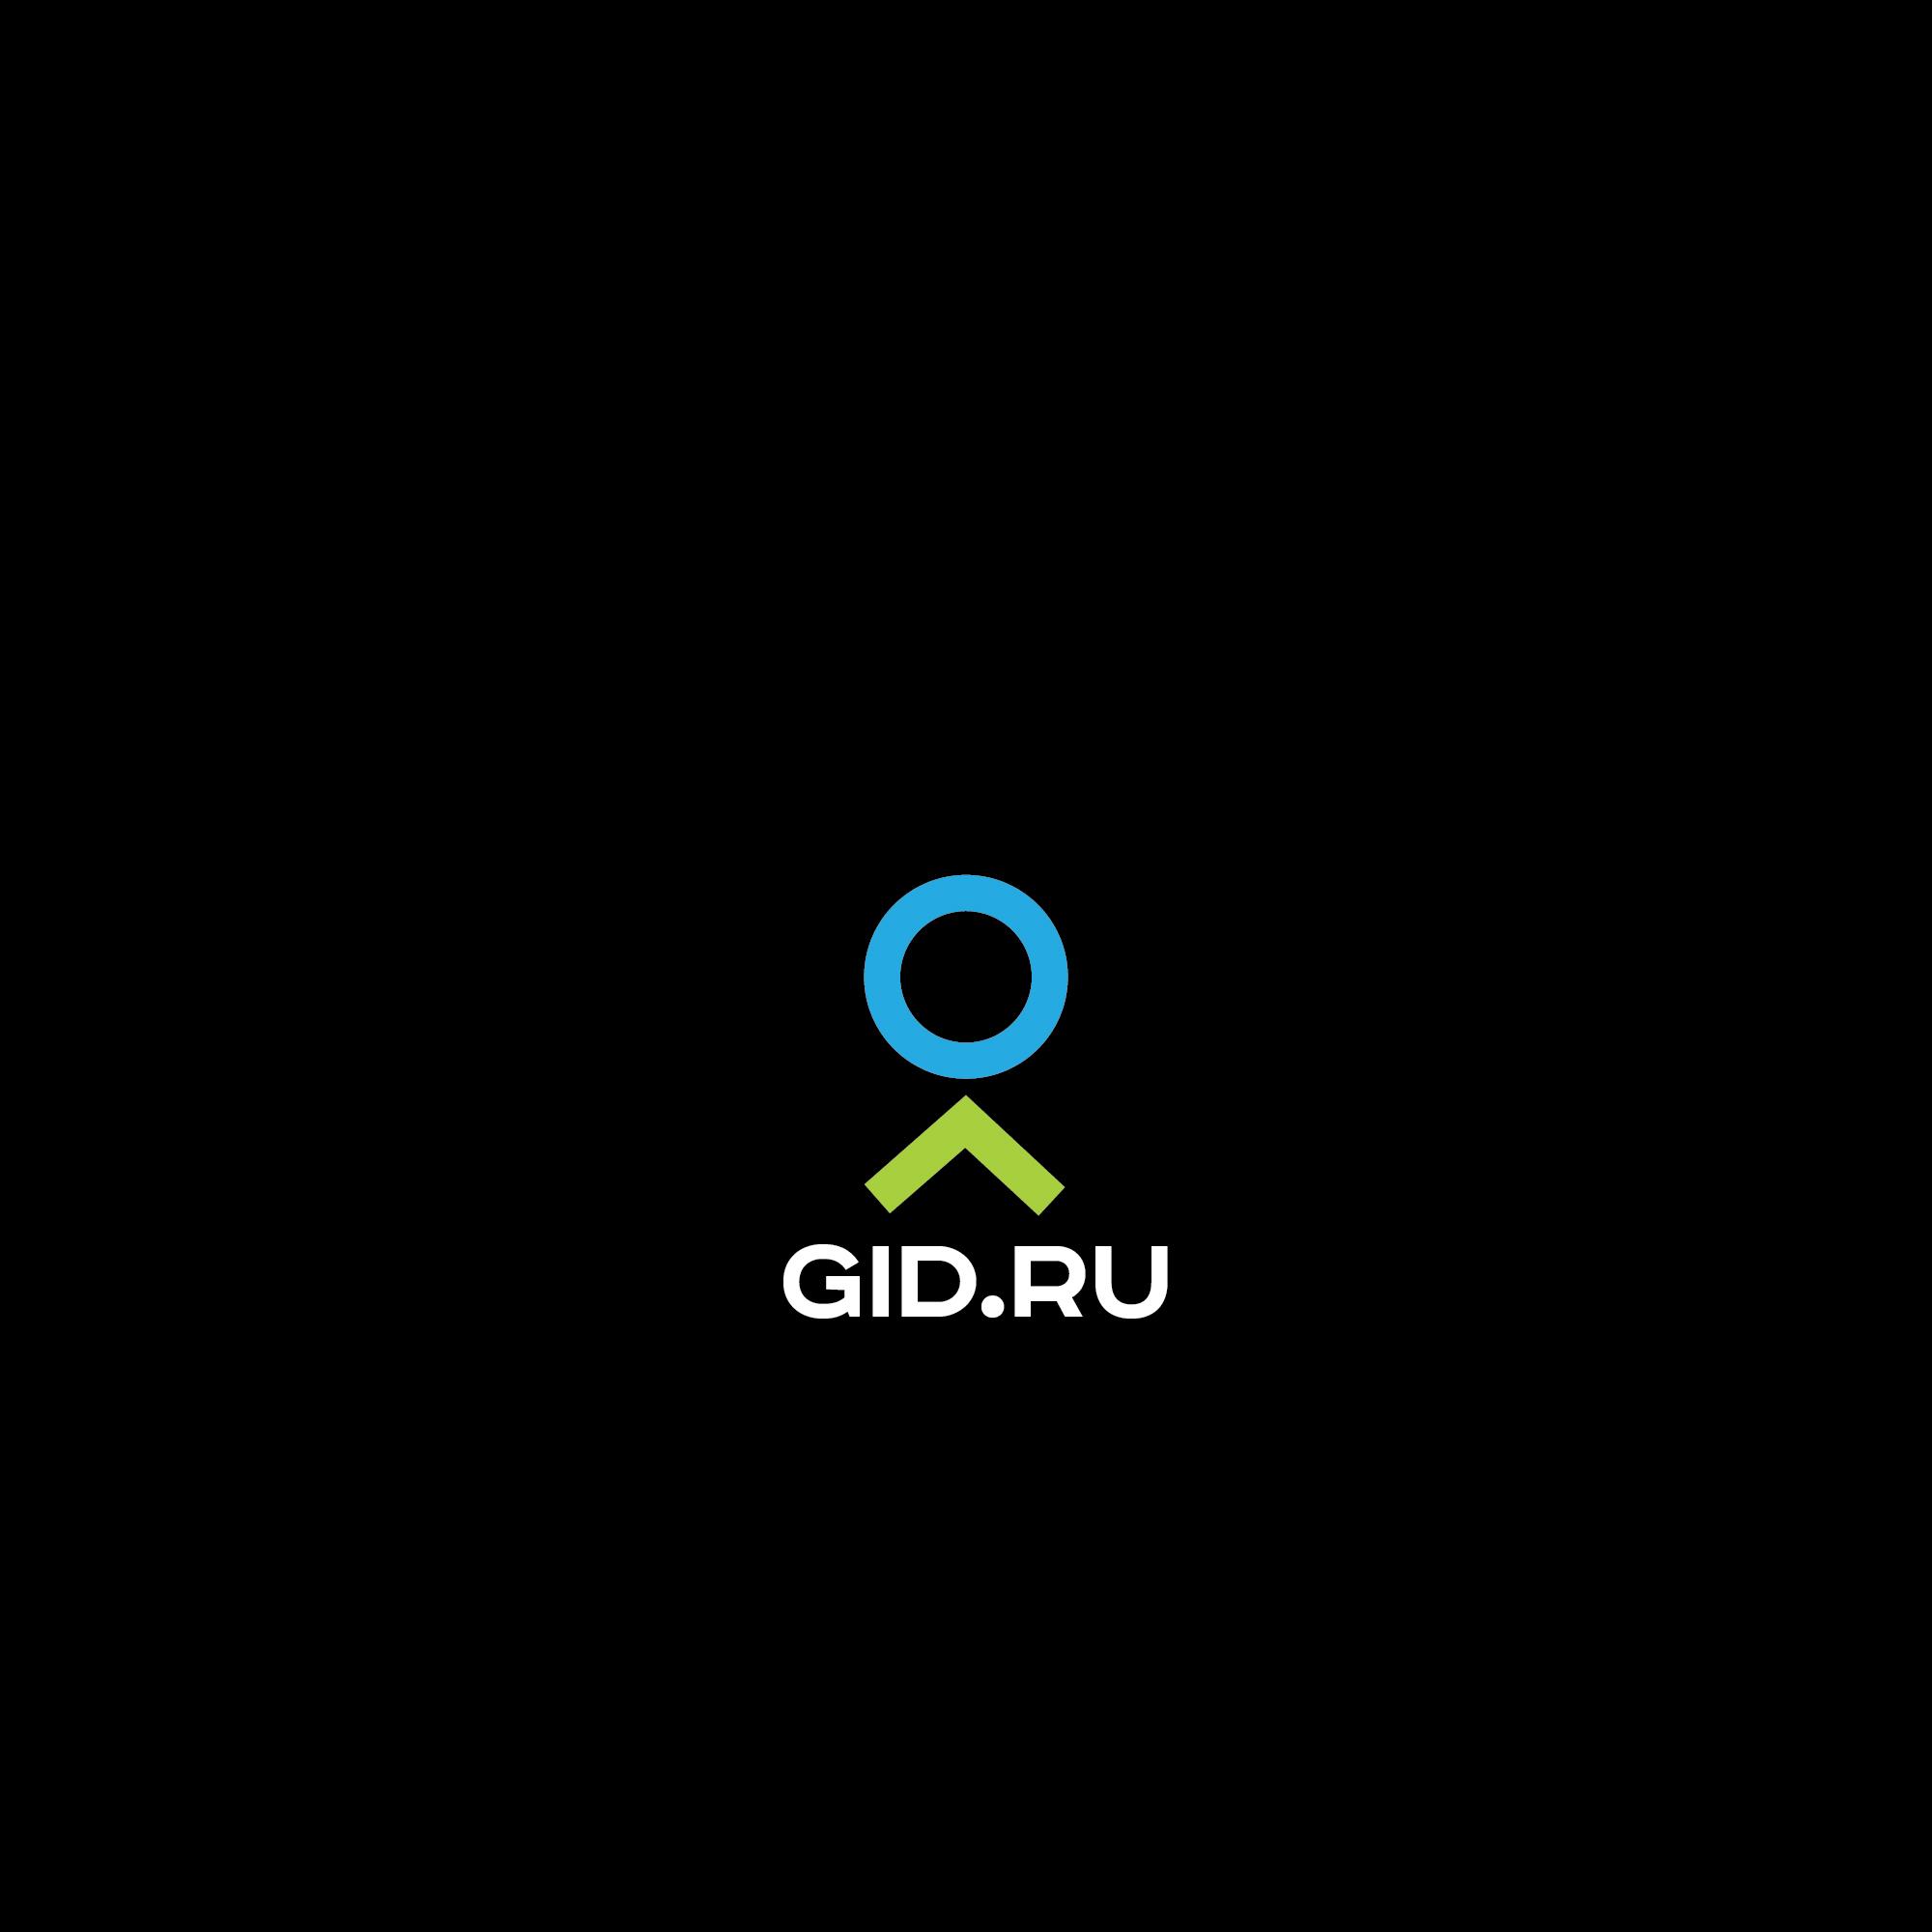 Логотип для сайта OKgid.ru фото f_45457c37b14a217d.jpg